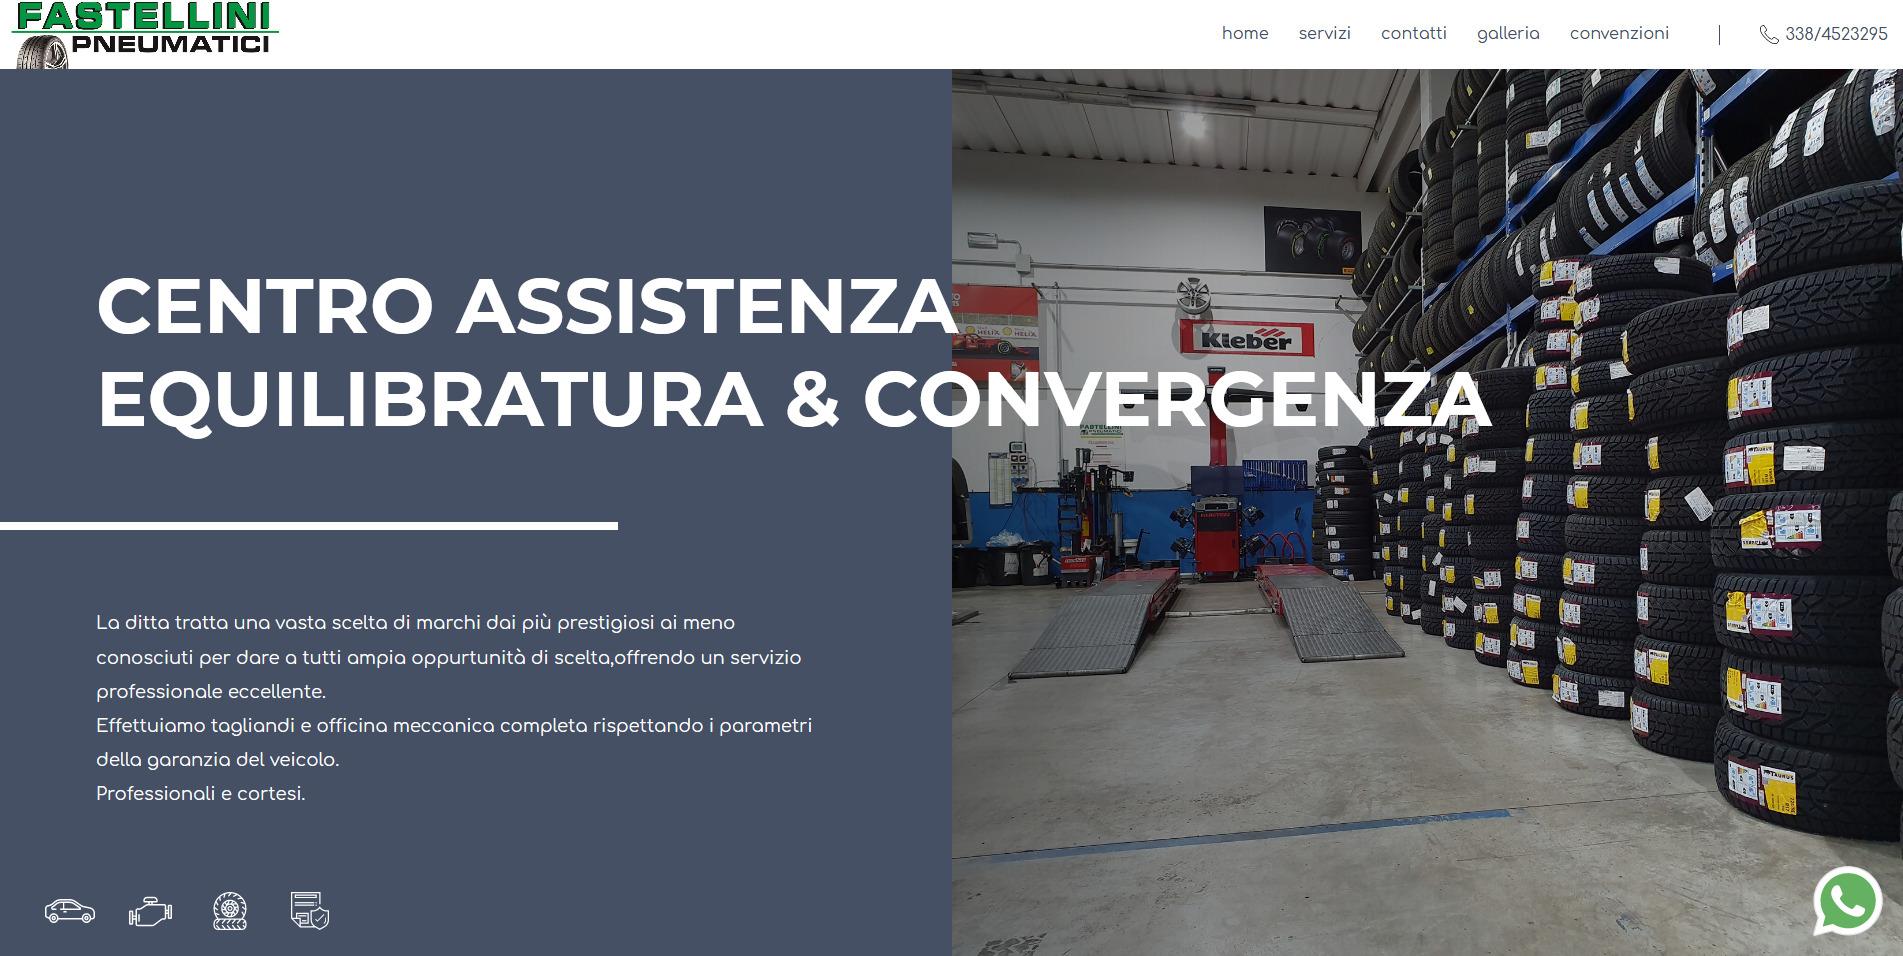 Screenshot 2020 06 19 Fastellini Pneumatici